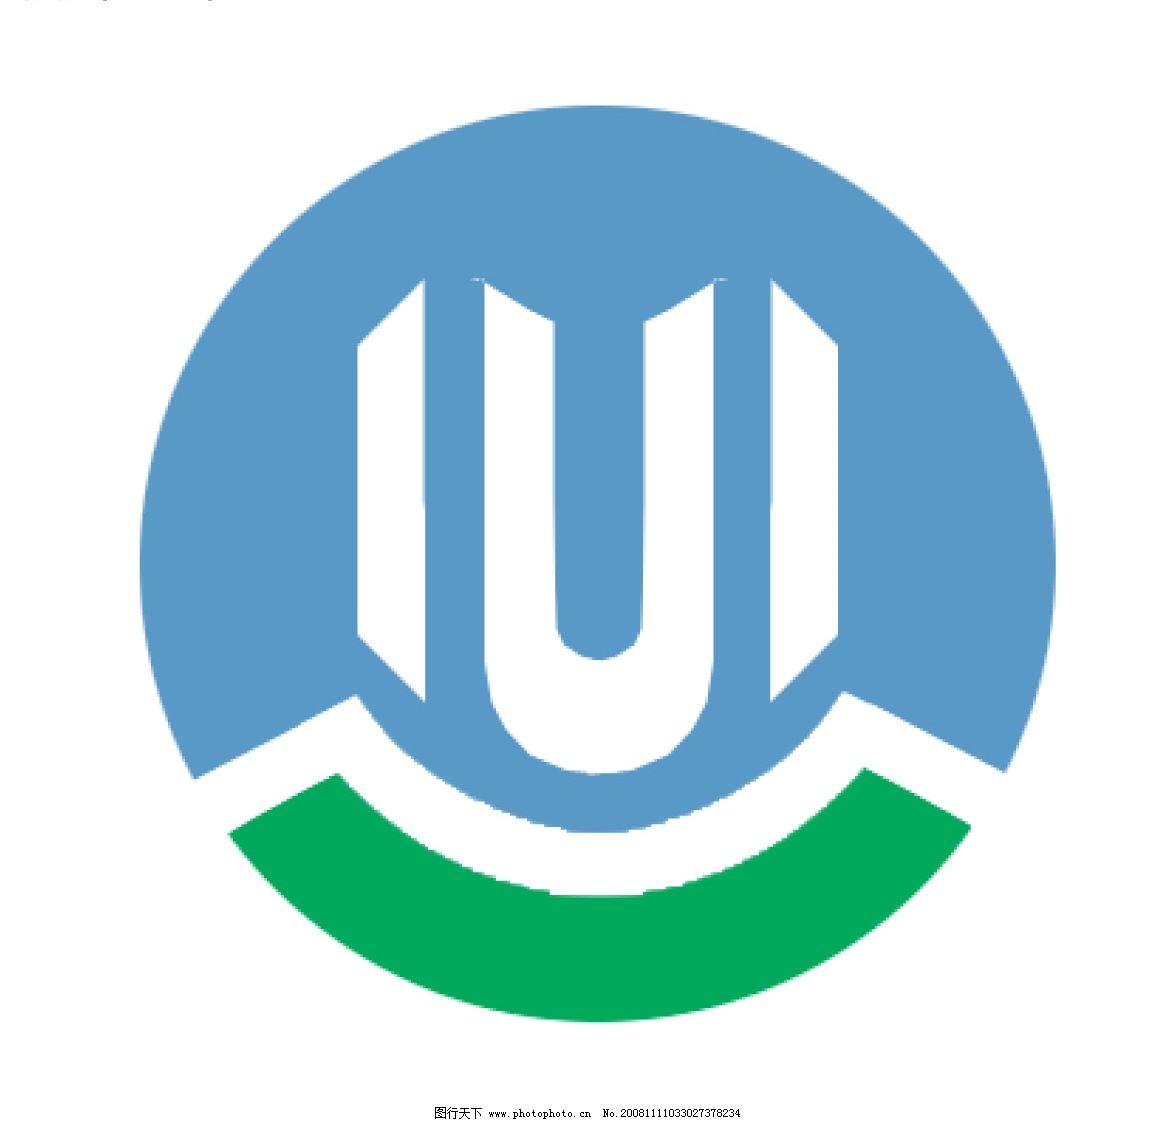 半圆logo设计